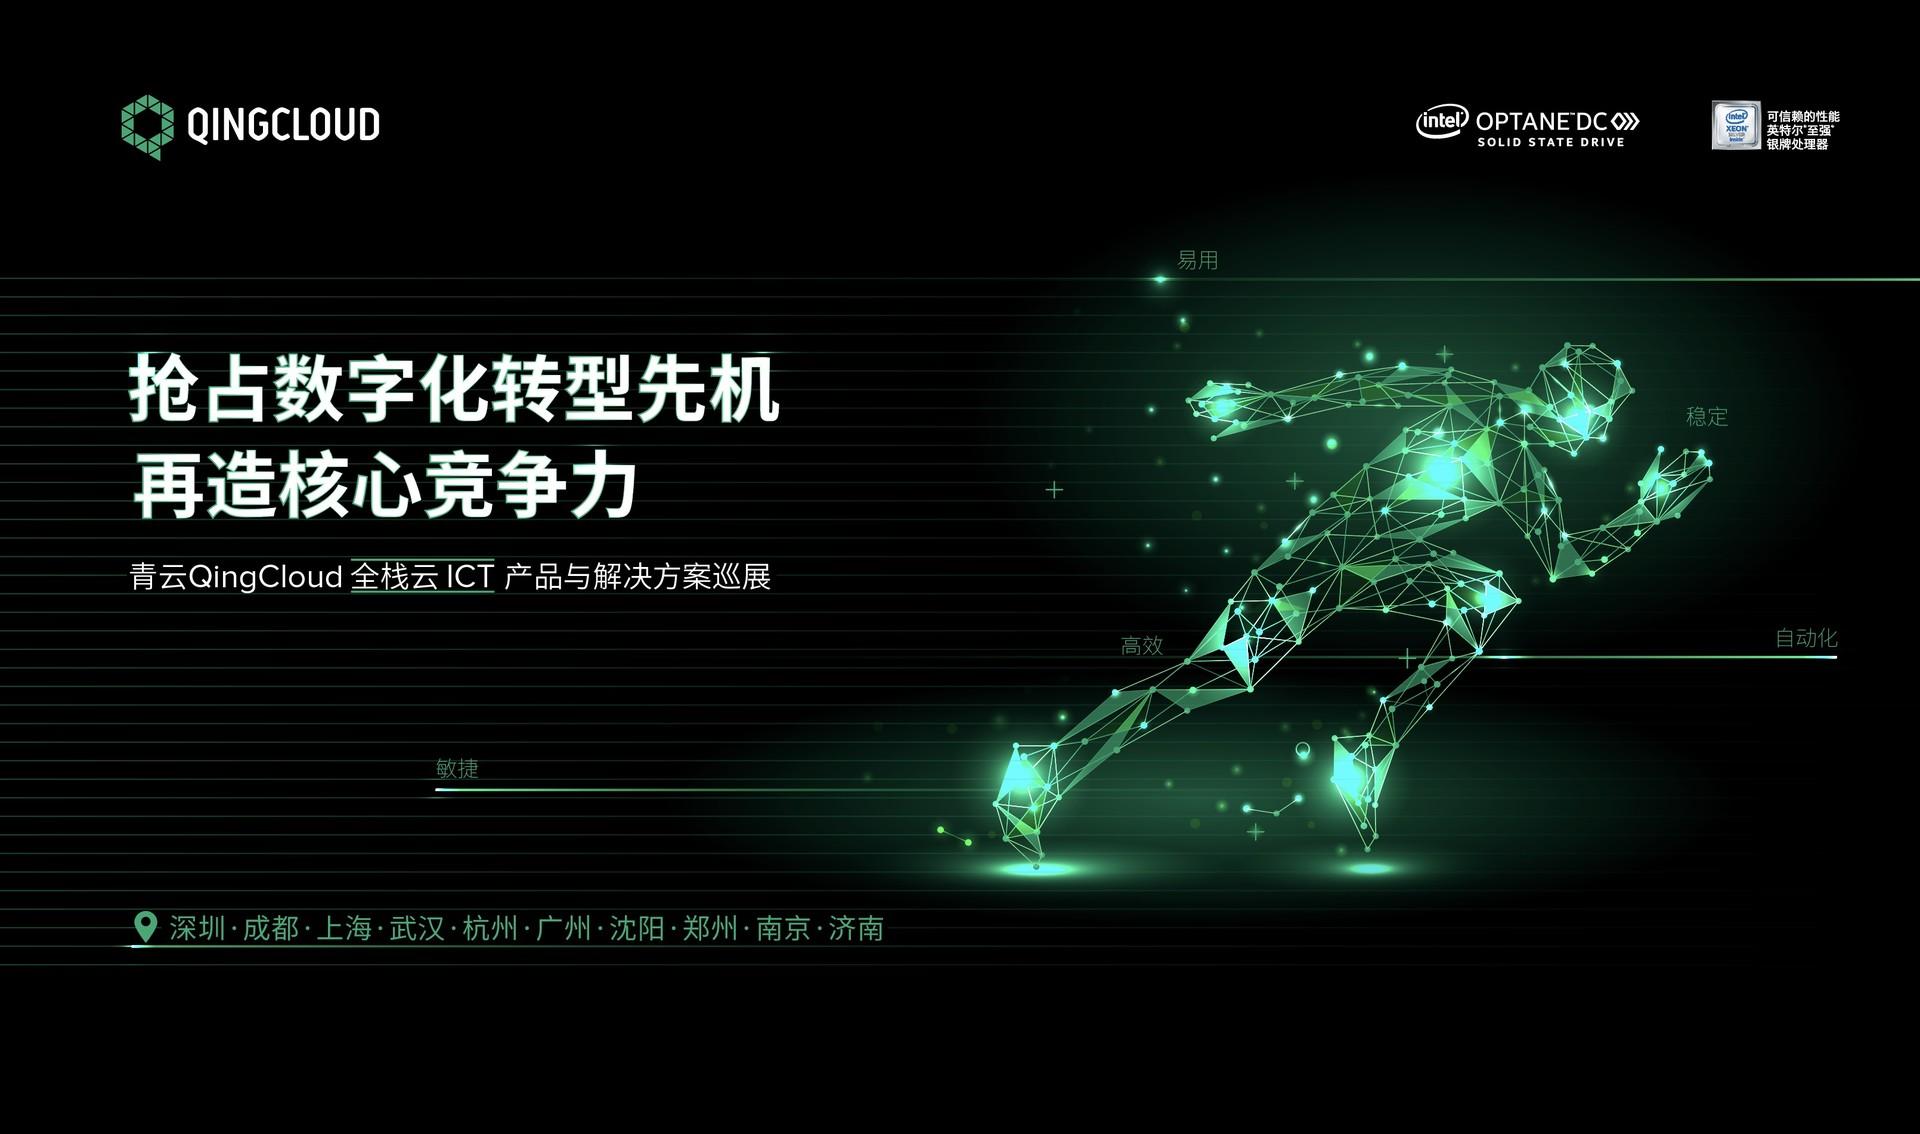 青云QingCloud 全栈云 ICT 产品与解决方案全国巡展